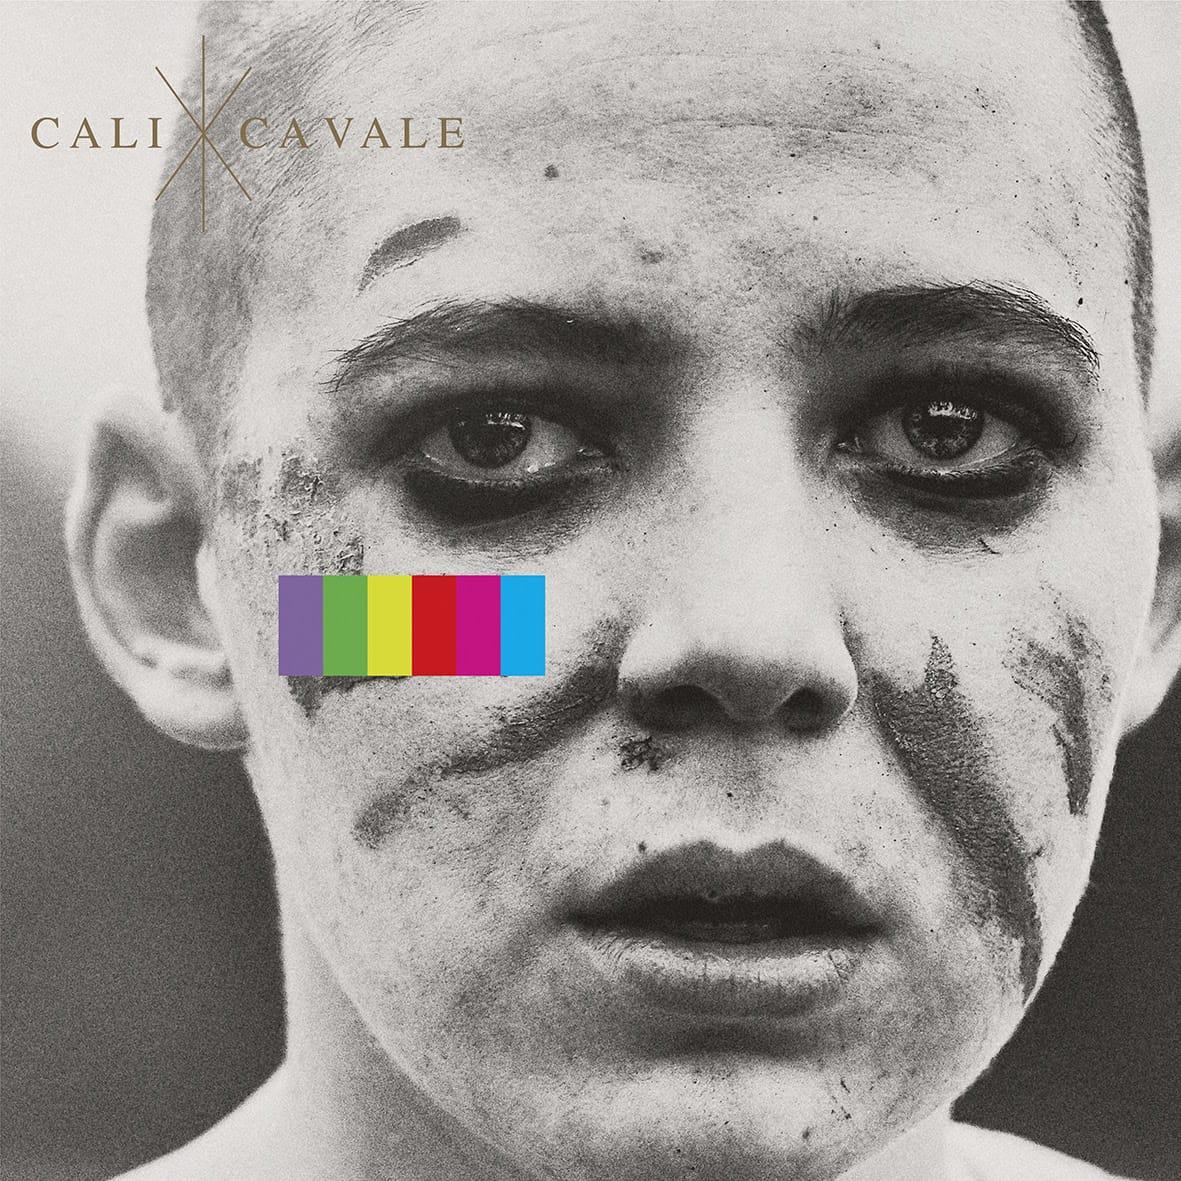 Cali image cover album Cavale musique